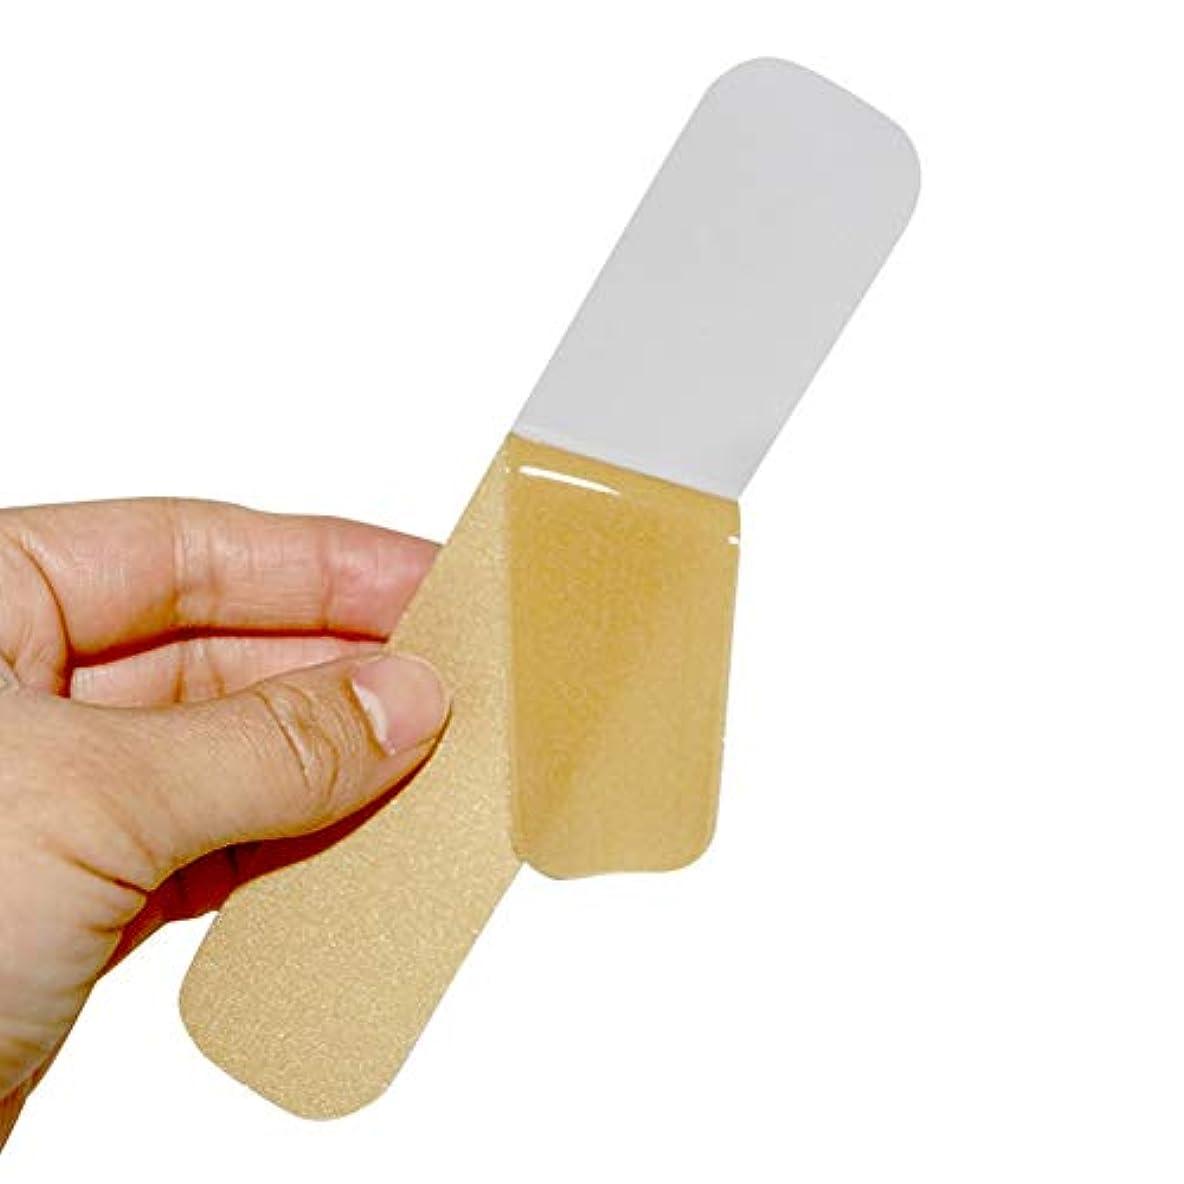 構成員メタルライン心からDkhsyシリコンゲル傷跡シートゲルパッチシリコンゲルパッチ再利用可能なシリコンゲルパッチ傷跡除去ヒーリングシート皮膚修復シーティング